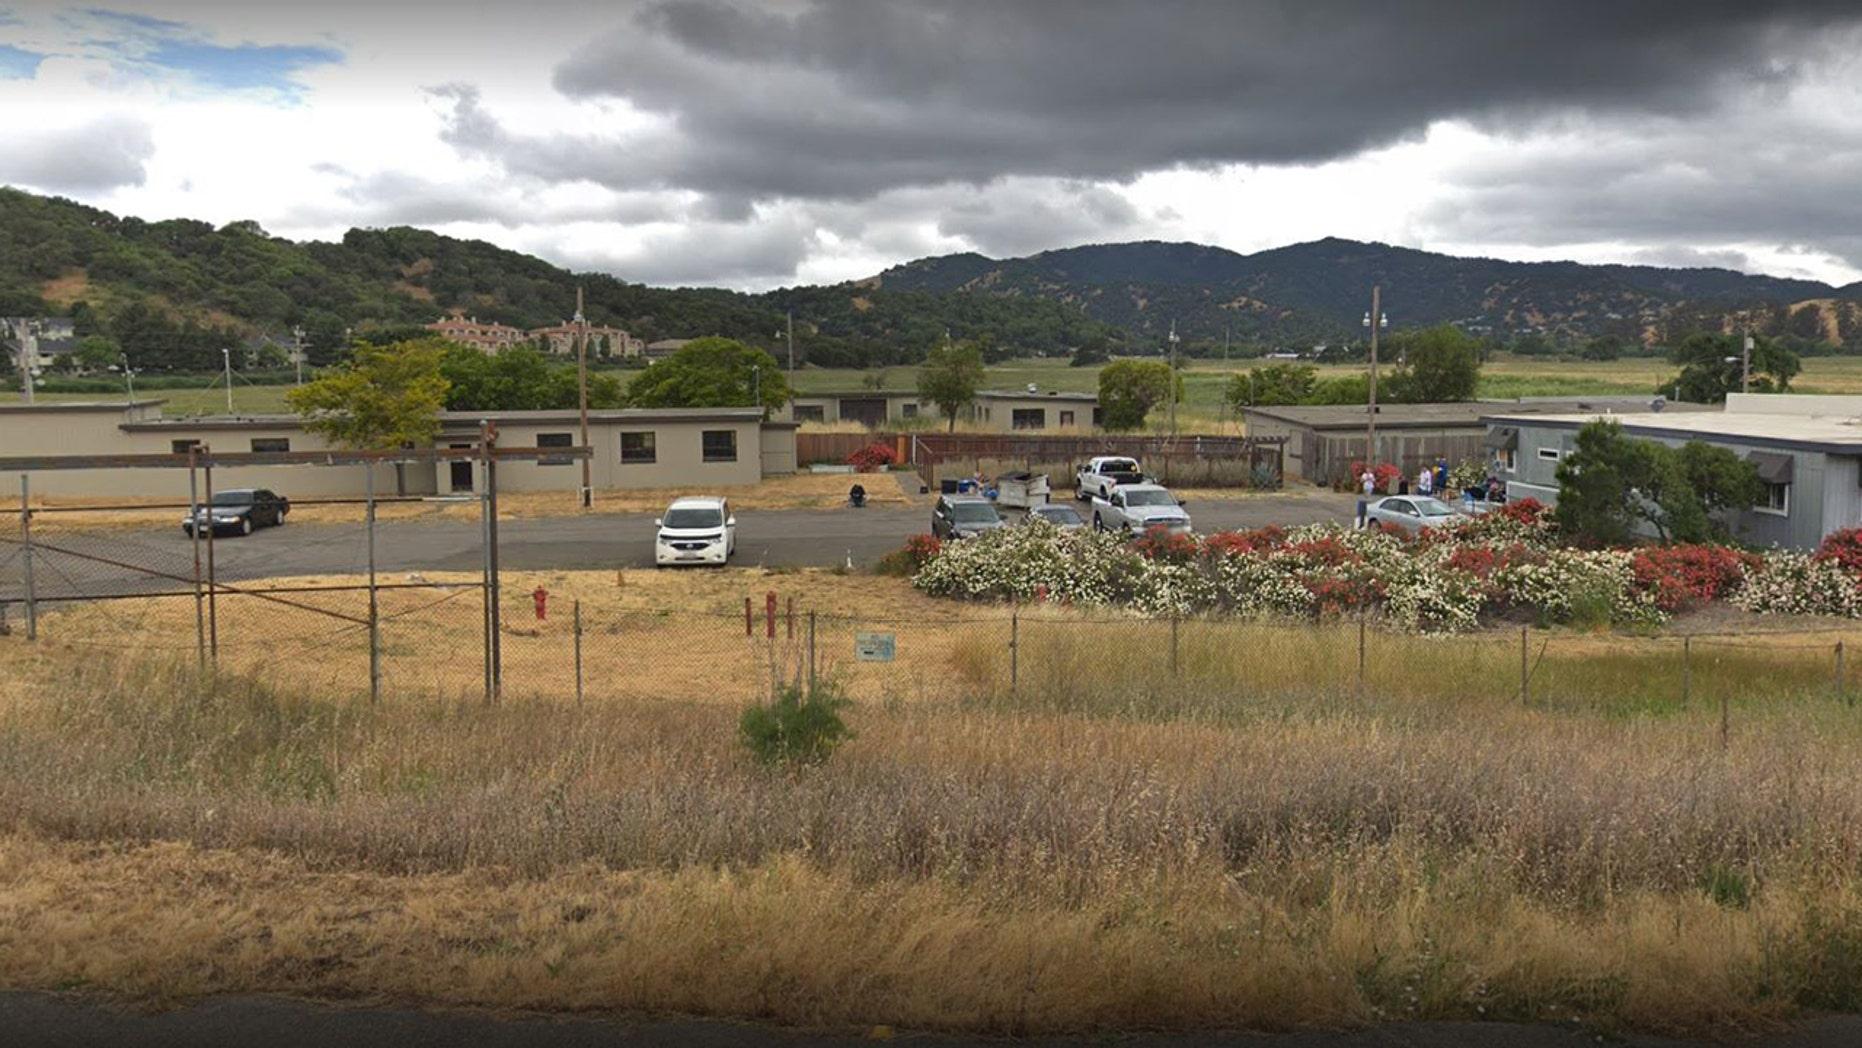 Outside the Helen Vine Detox Center in San Rafael, Calif., where a shooting left one dead.